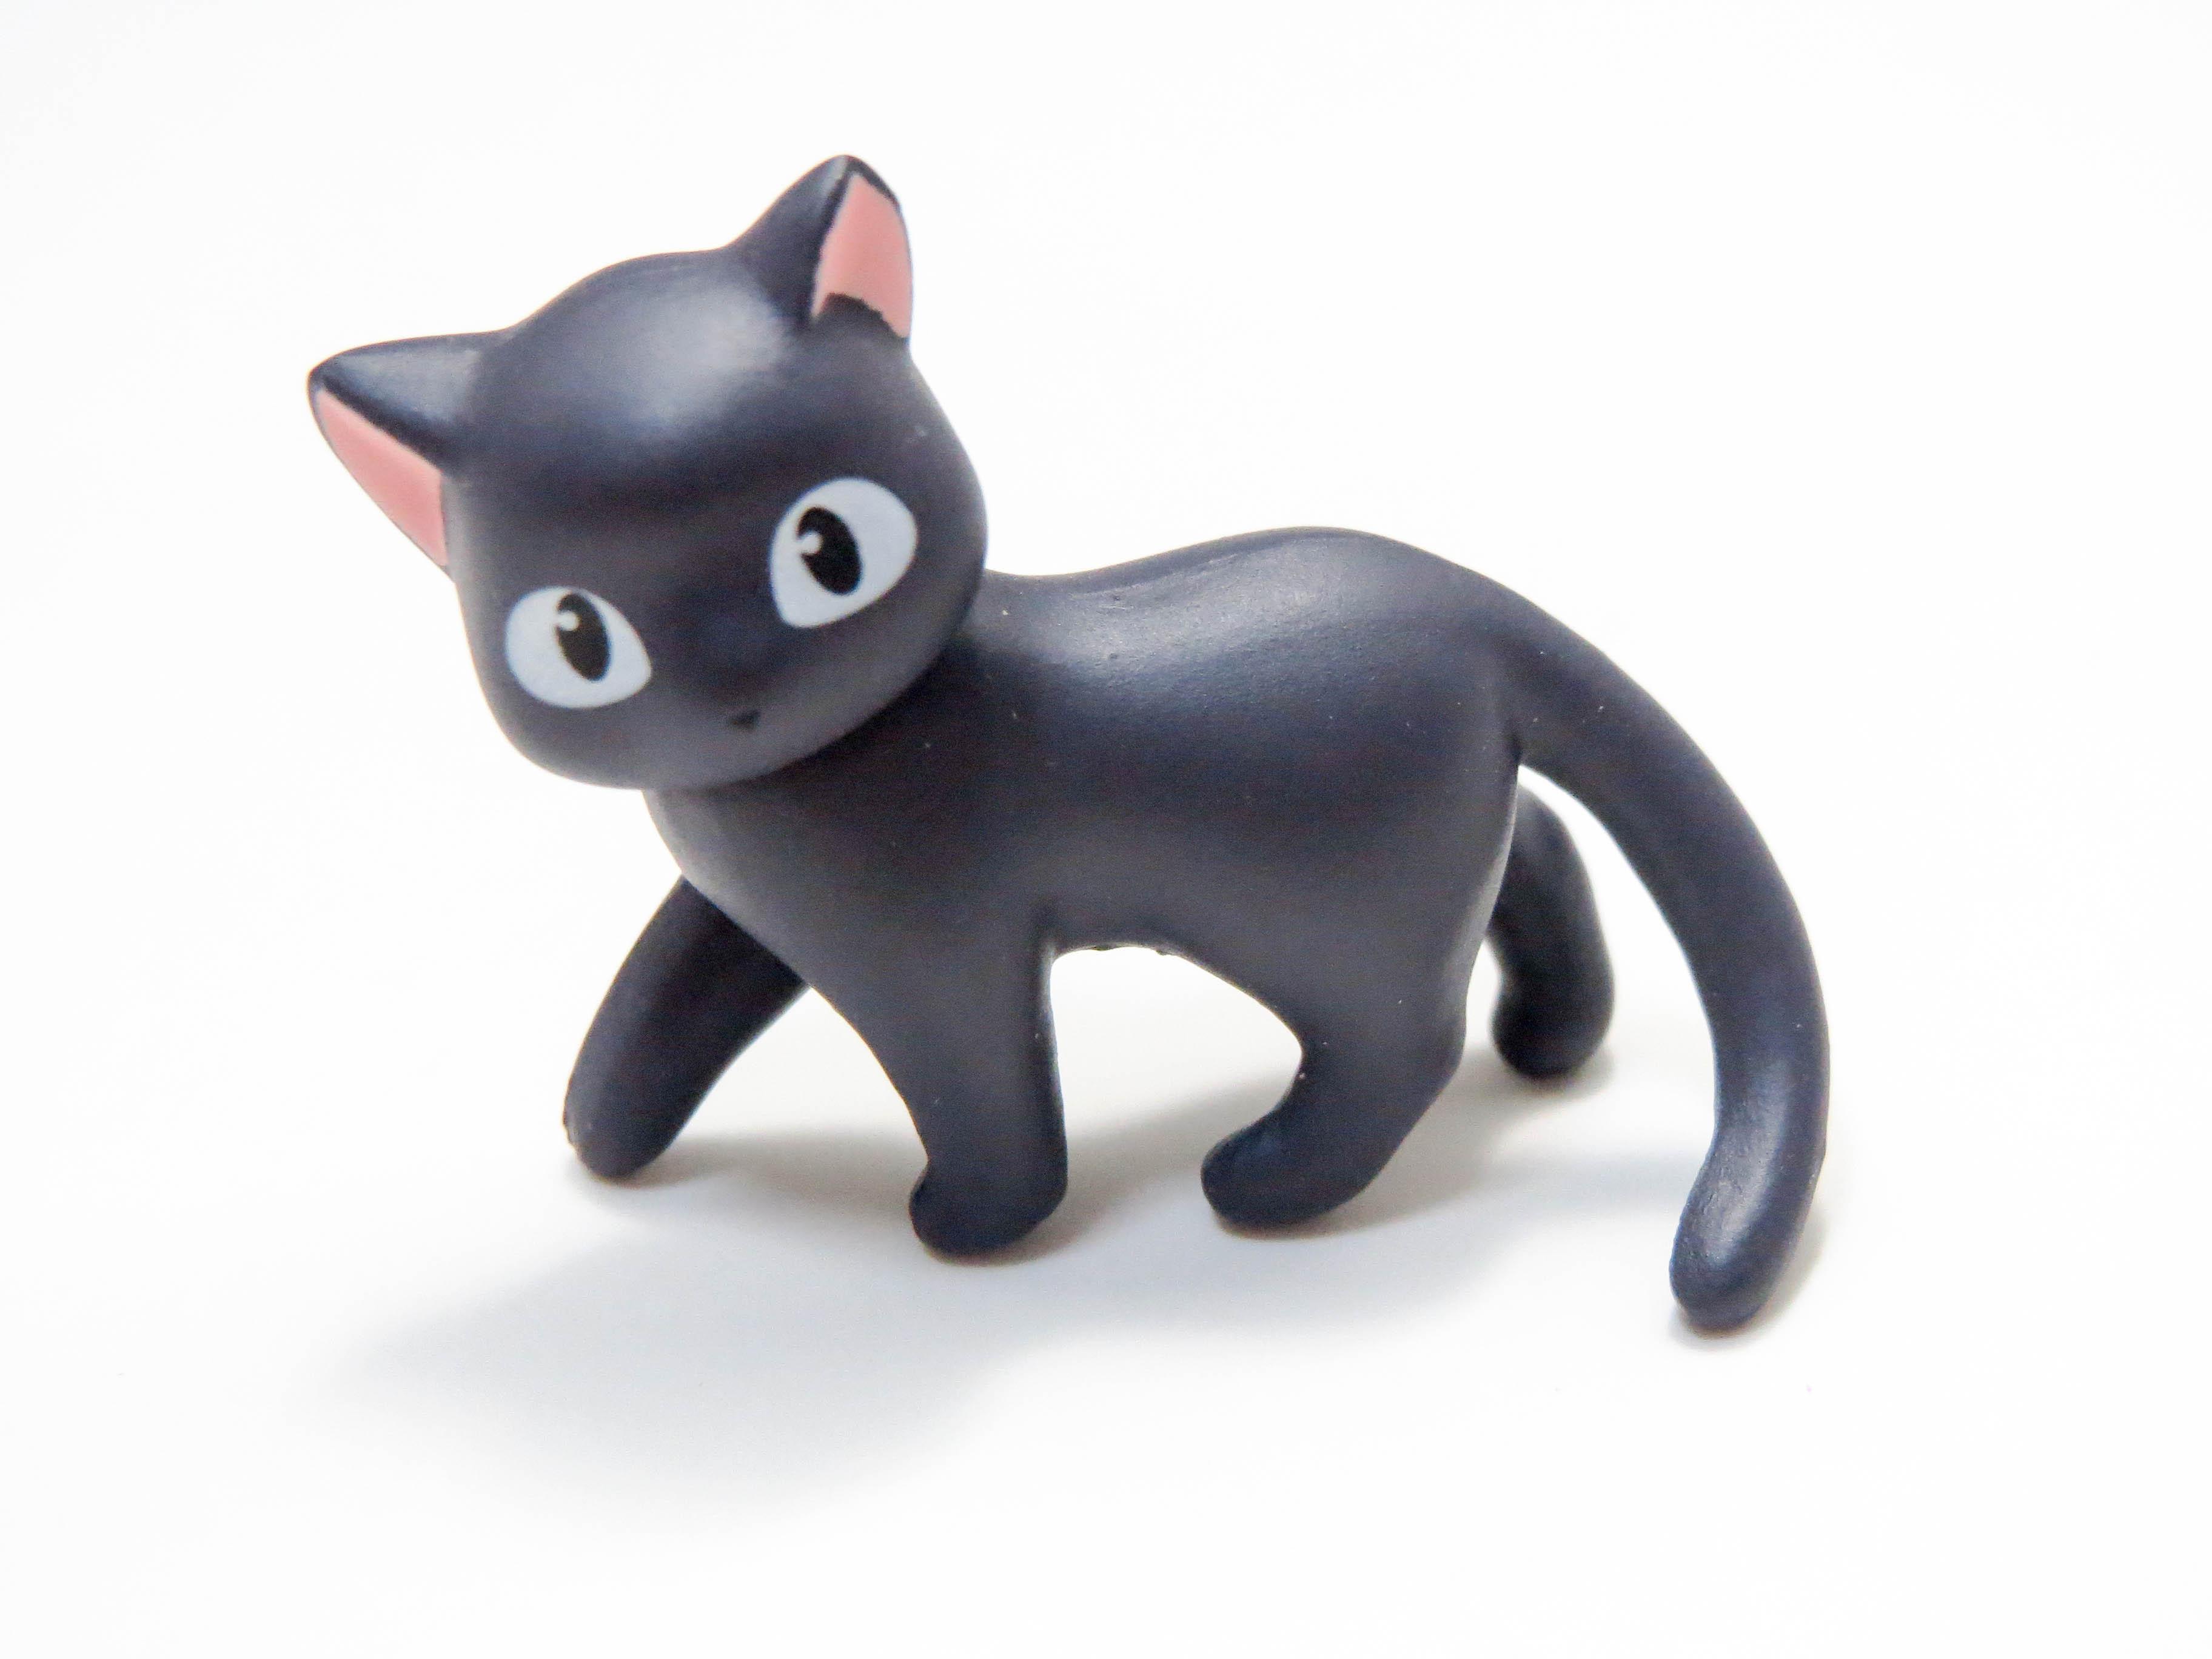 再入荷【404】 羽川翼 小物パーツ 黒猫 ねんどろいど